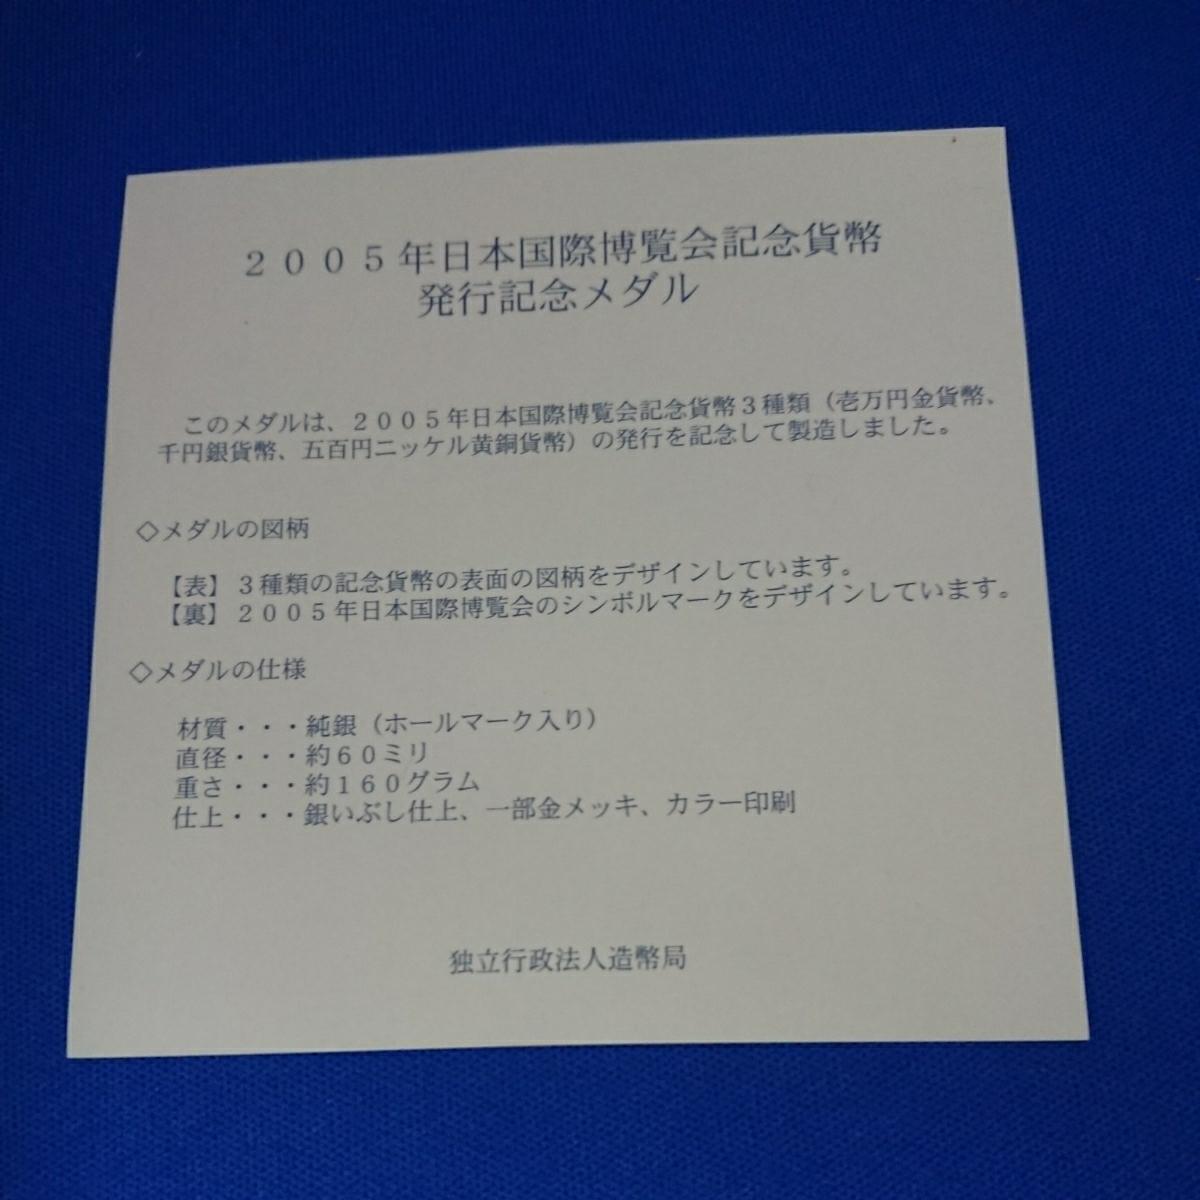 ♪♪♪2005年 愛・地球博  日本国際博覧会 記念貨幣発行記念メダル 千円銀貨幣プルーフ貨幣セット 2つまとめて 純銀 造幣局 ♪♪♪_画像10